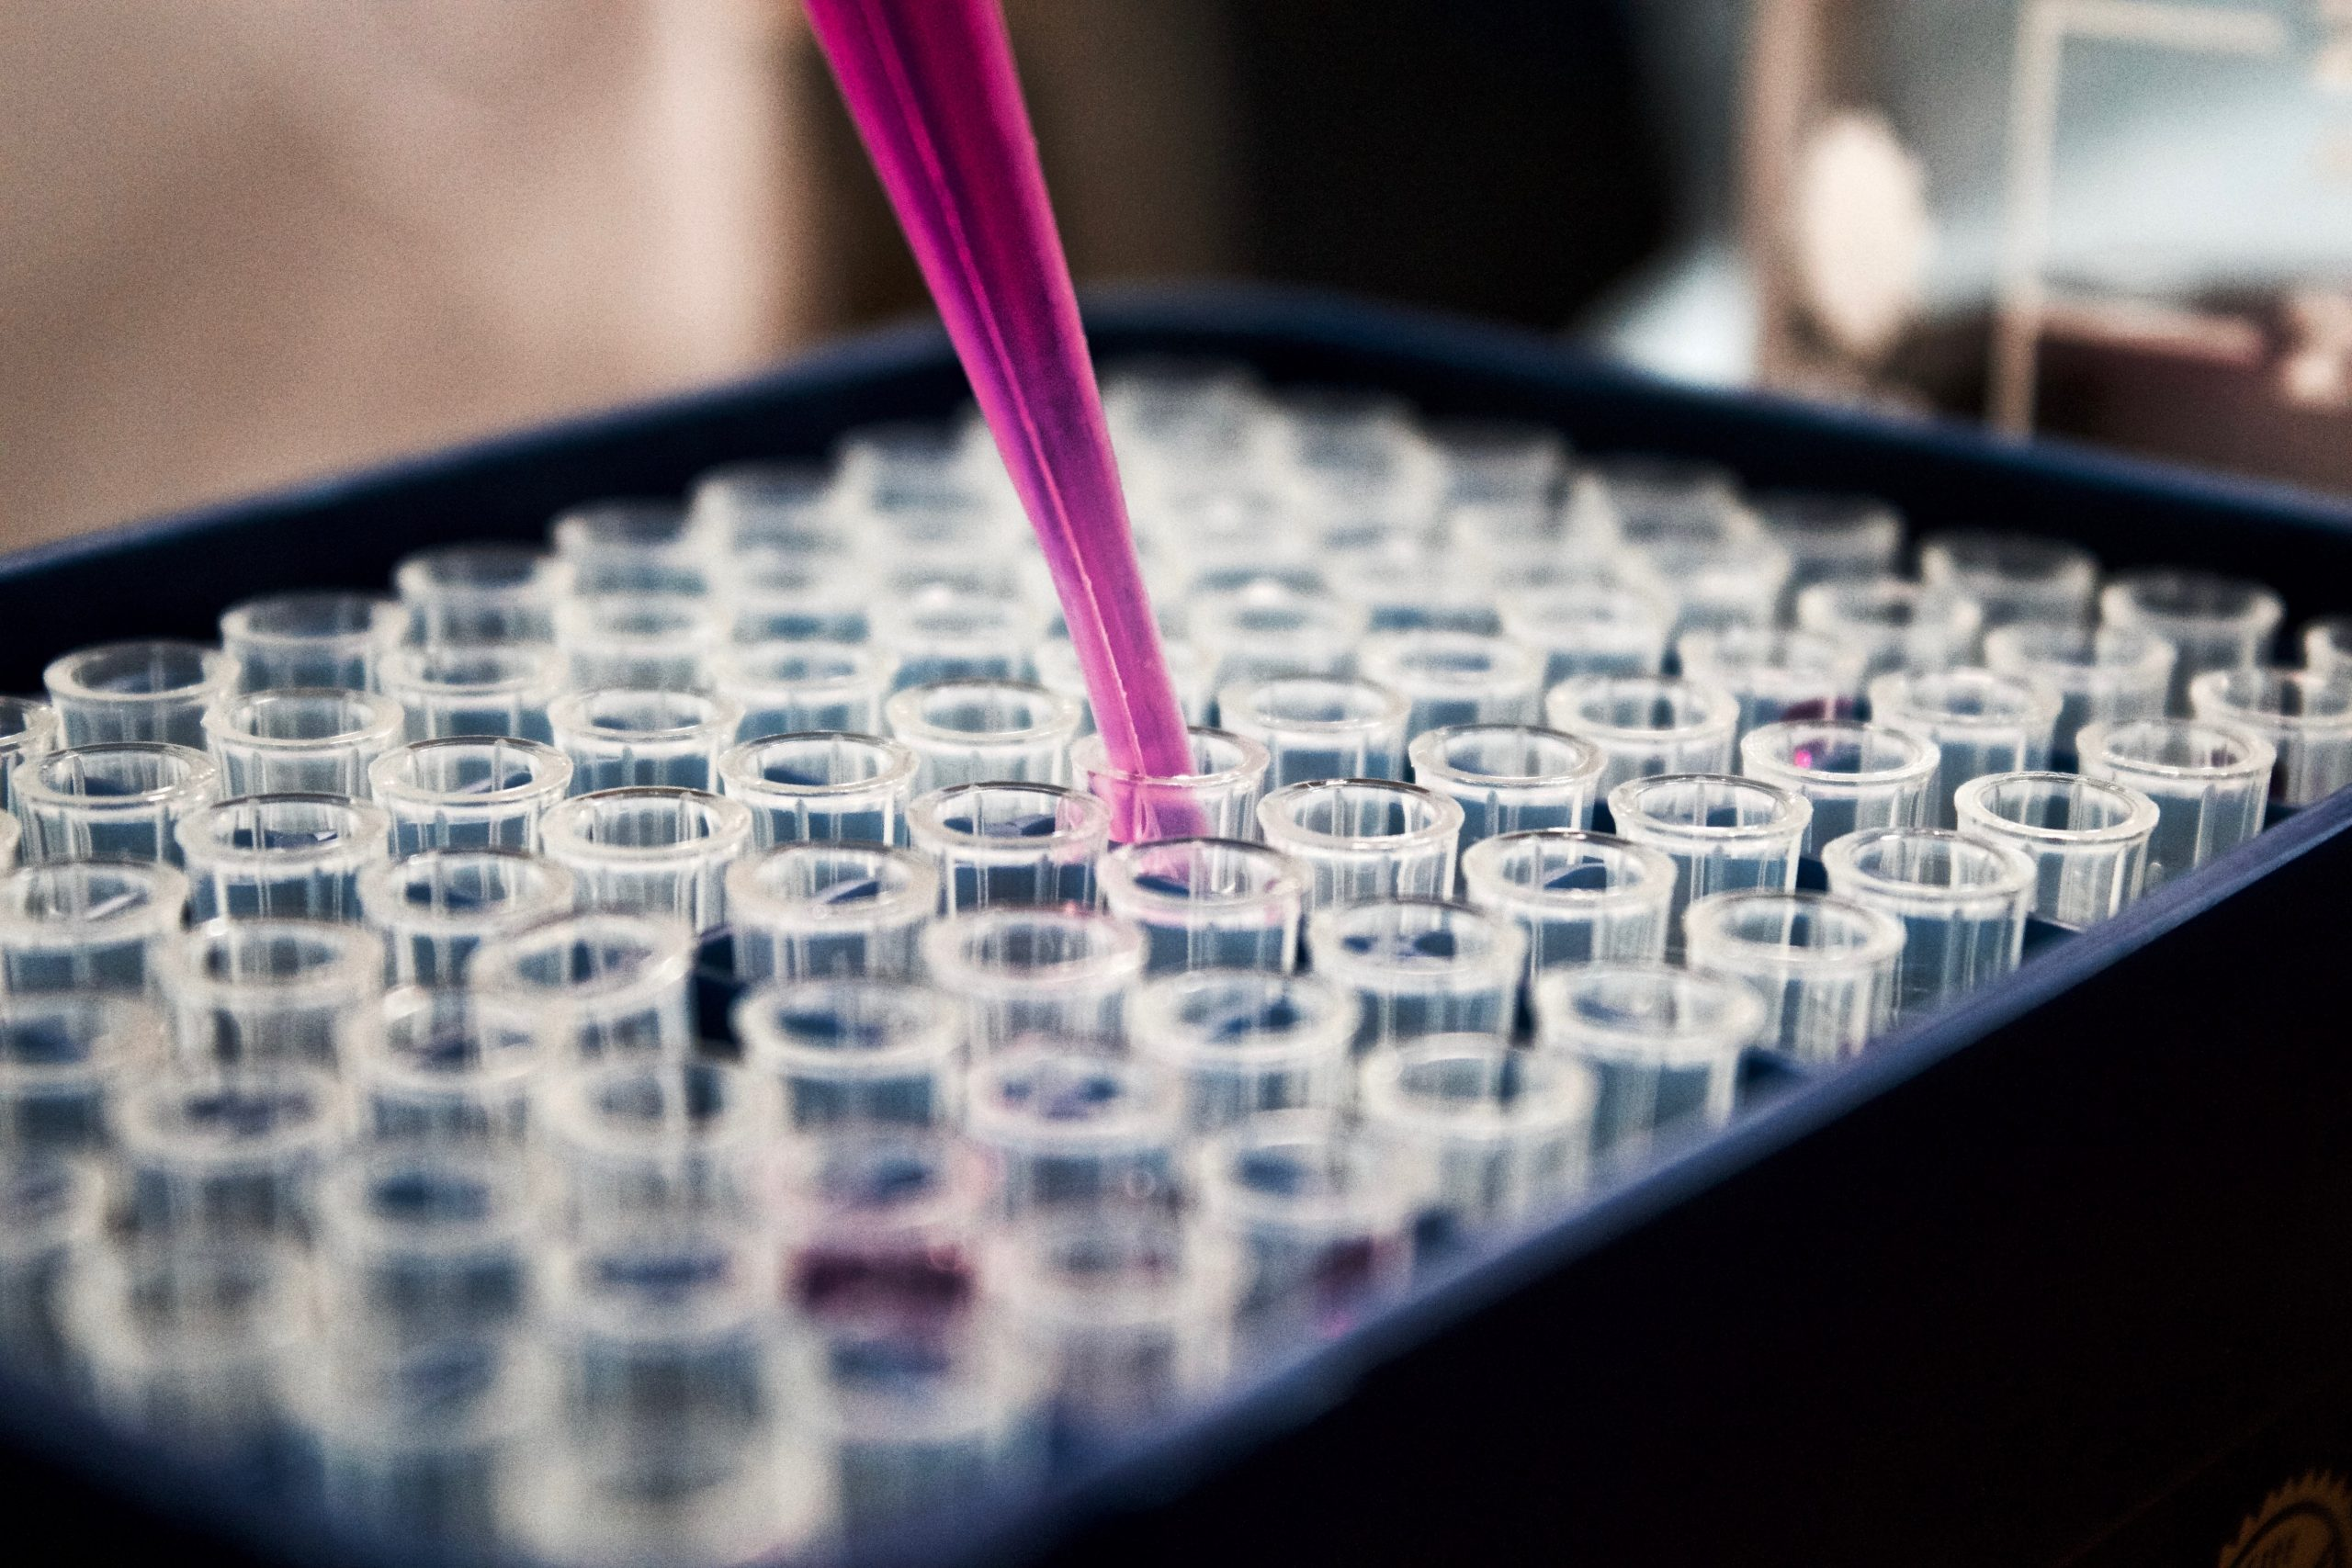 Coronavirus: la Commissione UE incrementa il finanziamento destinato alla ricerca con 120 milioni di € per 11 nuovi progetti volti a contrastare il virus e le sue varianti